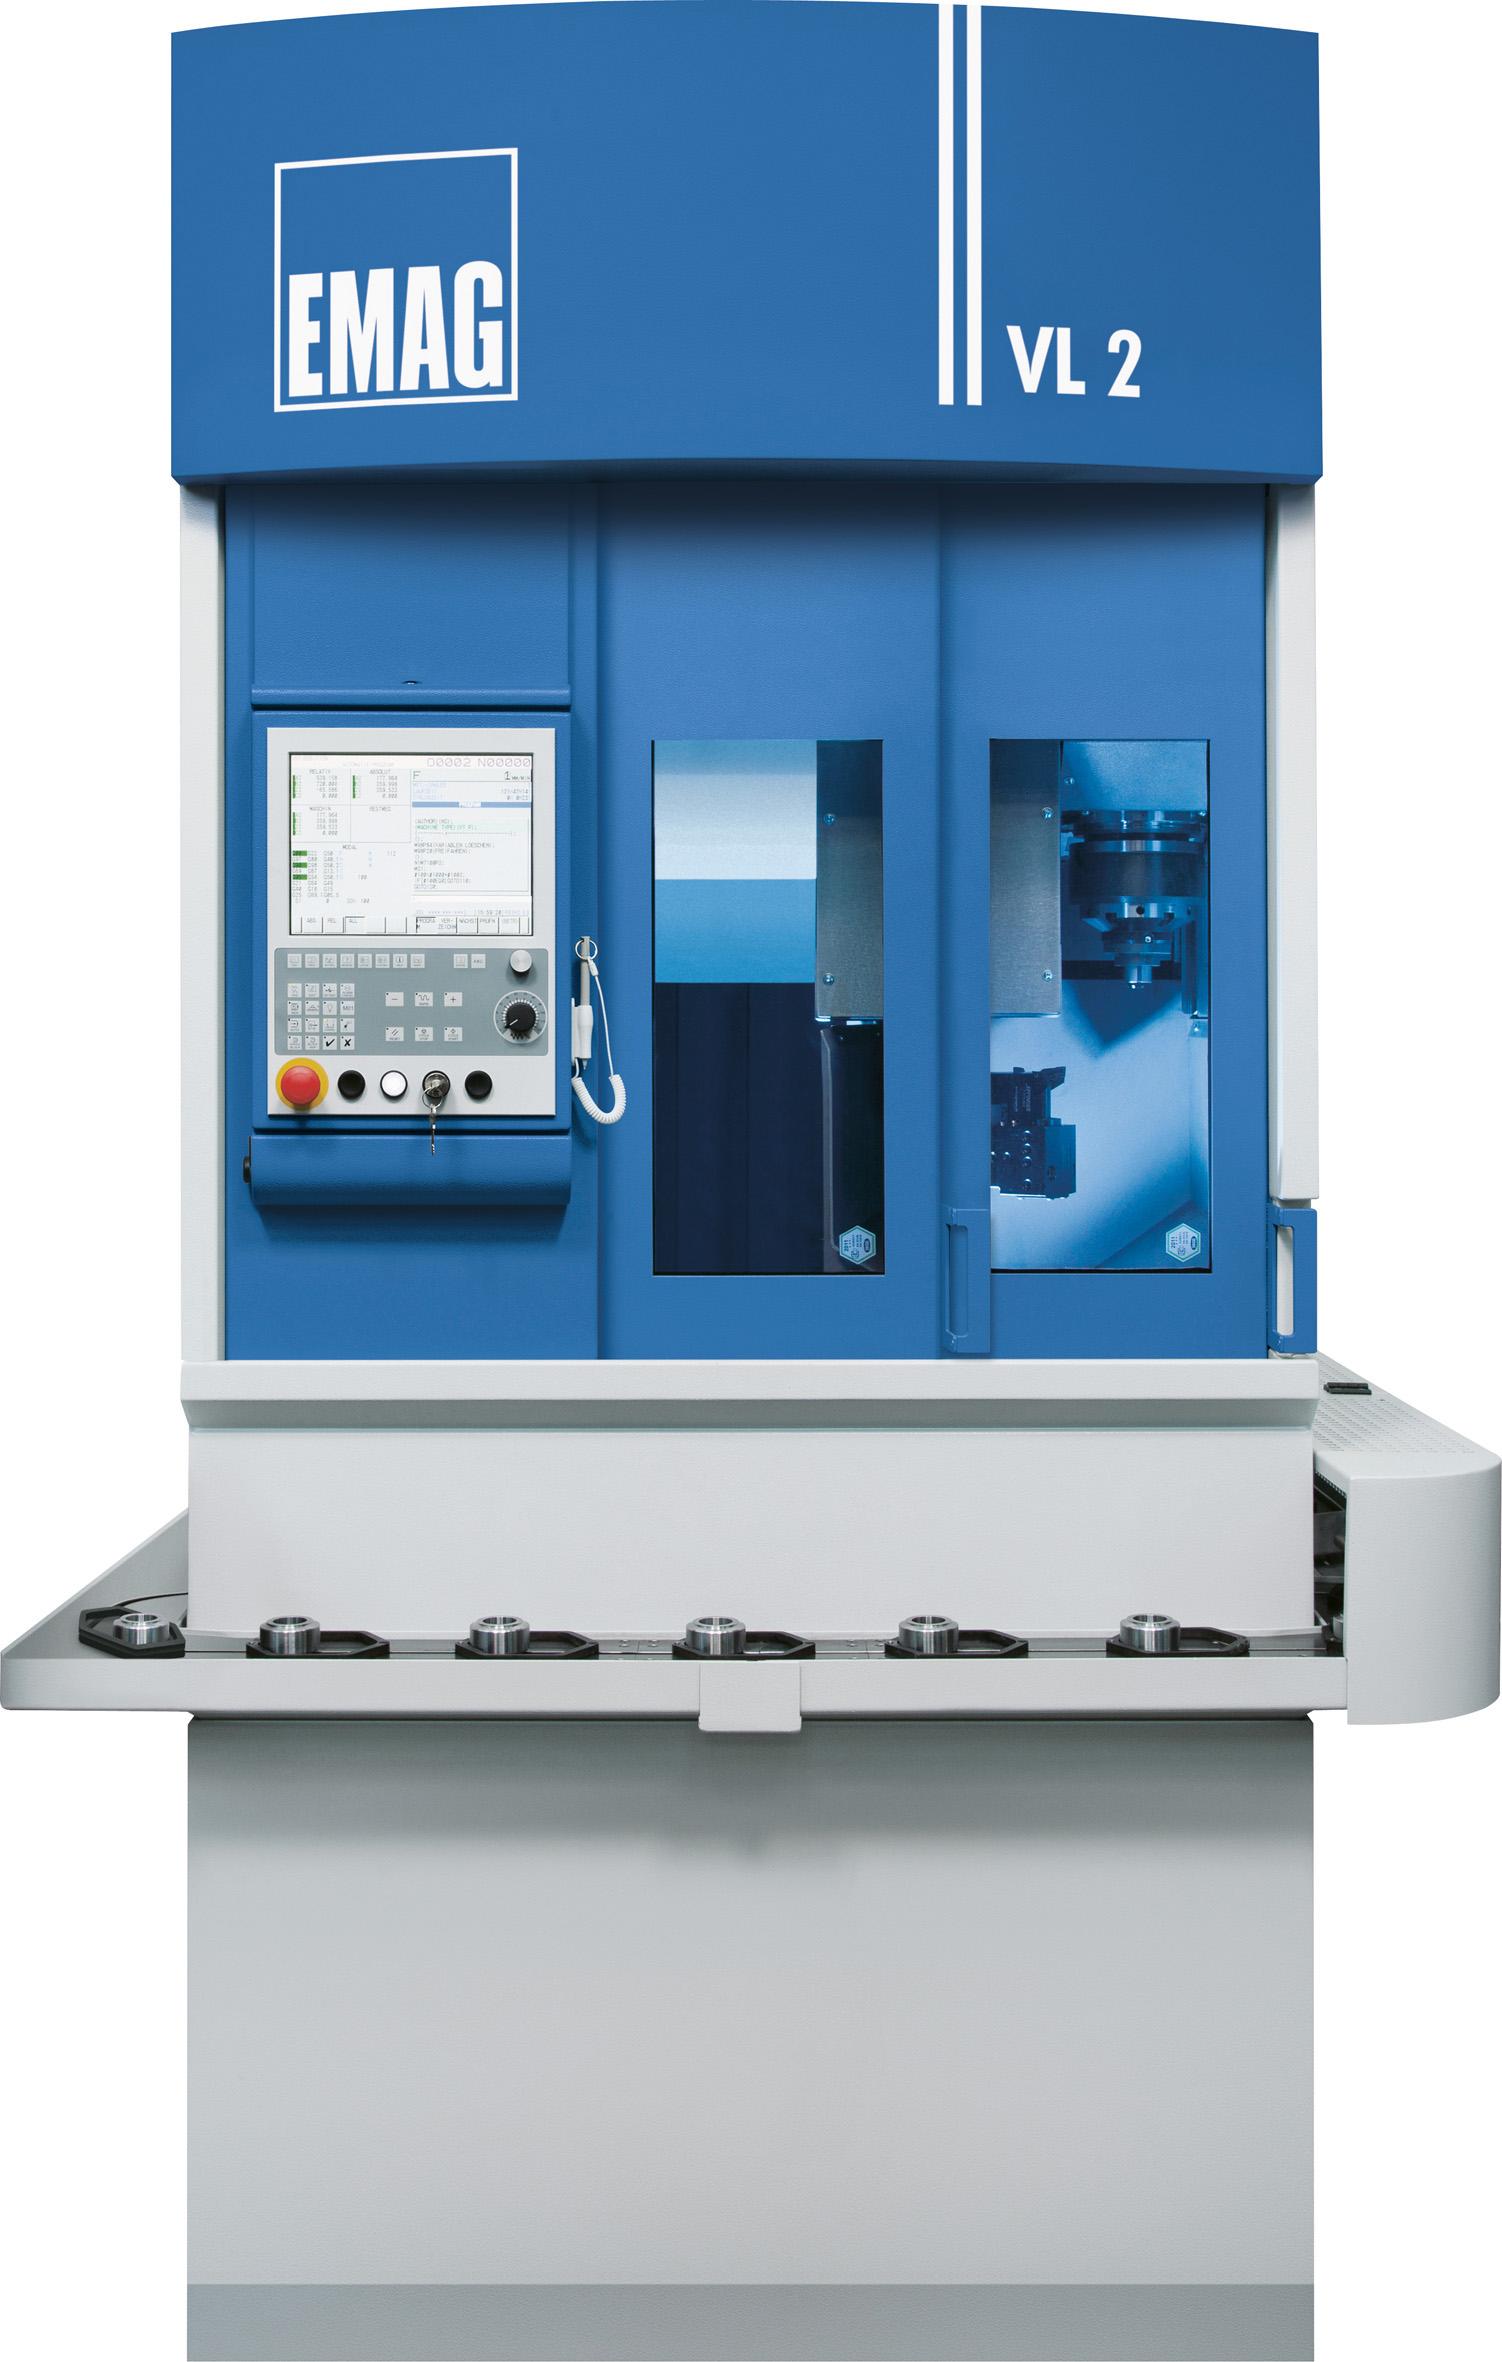 Die Drehmaschine VL 2 von EMAG gehört zu den energieeffizientesten Maschinen der Welt, Quelle: EMAG Holding GmbH